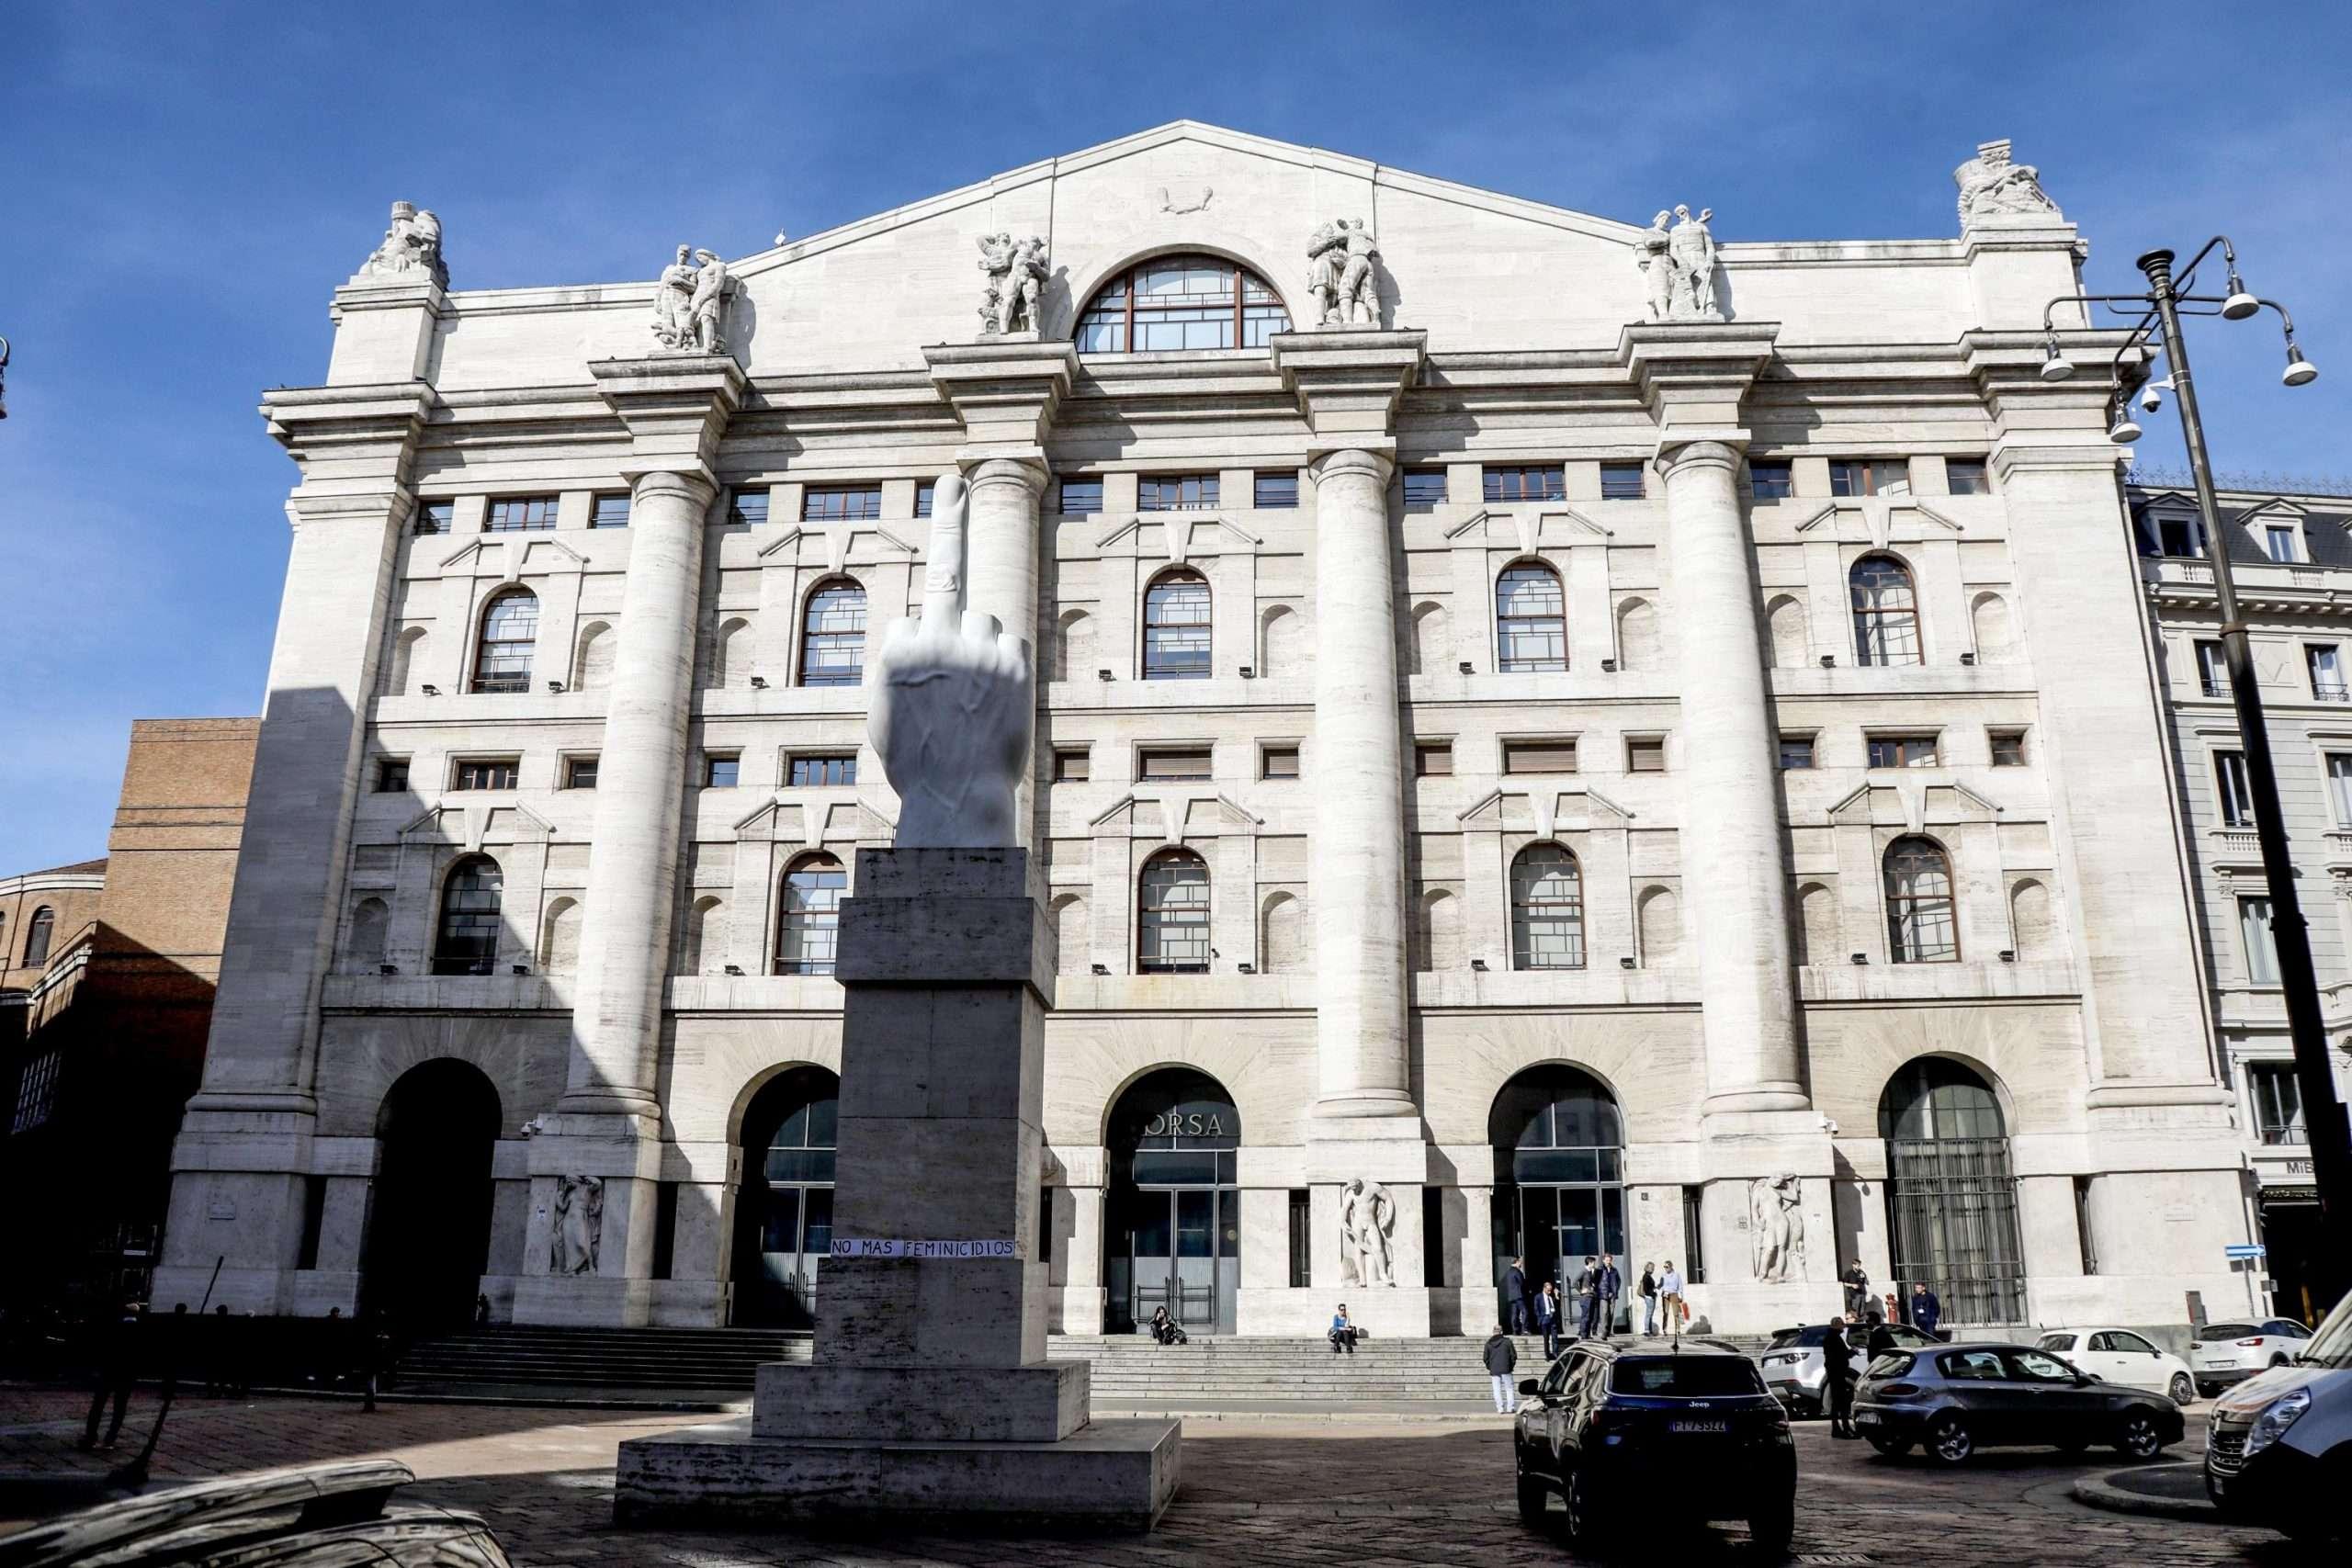 Borsa Italiana: Euronext, Cdp e Intesa Sanpaolo concludono l'acquisto